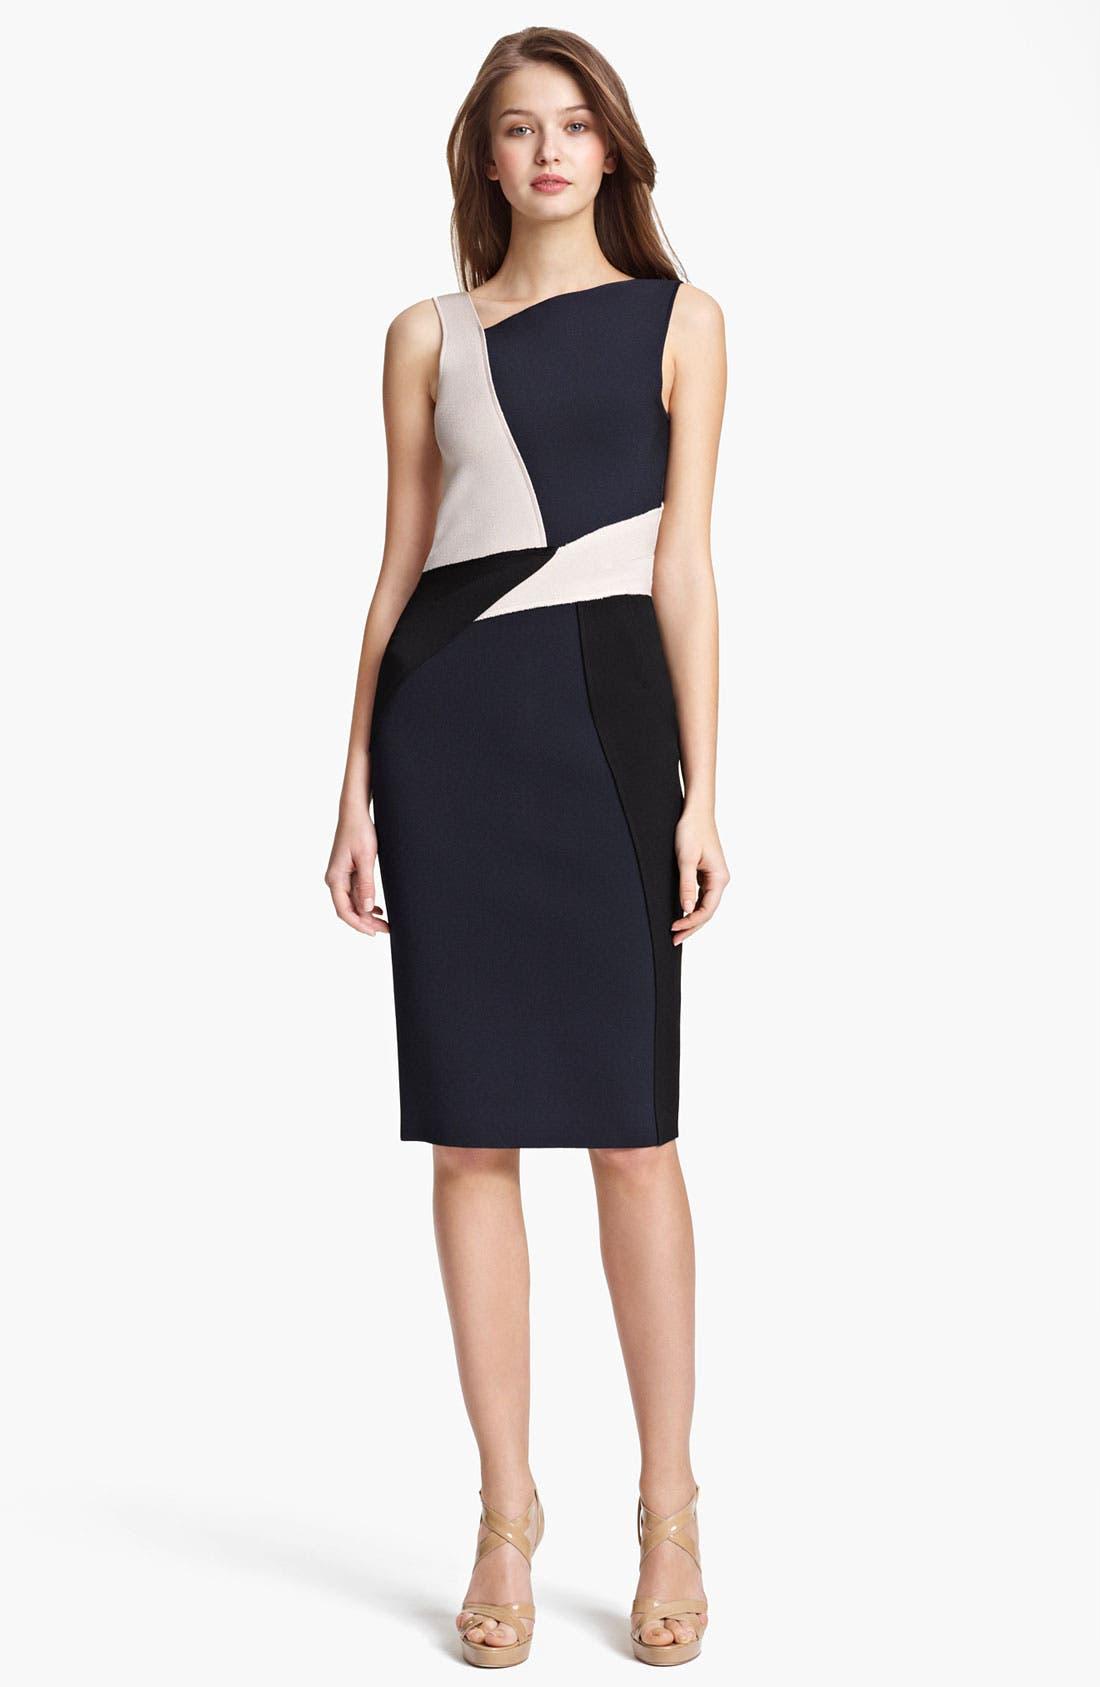 Alternate Image 1 Selected - Oscar de la Renta Colorblock Knit Dress